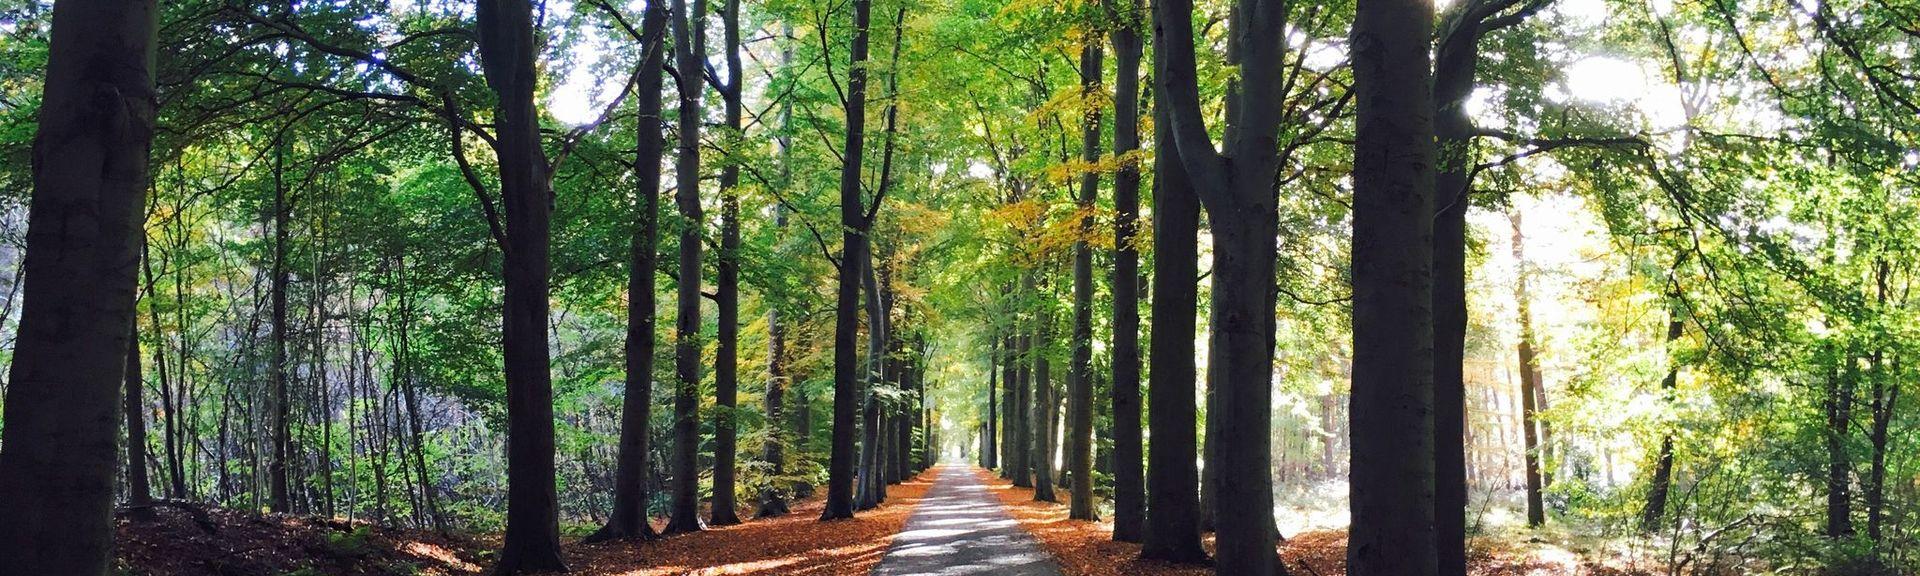 Boijl, Friesland, Netherlands